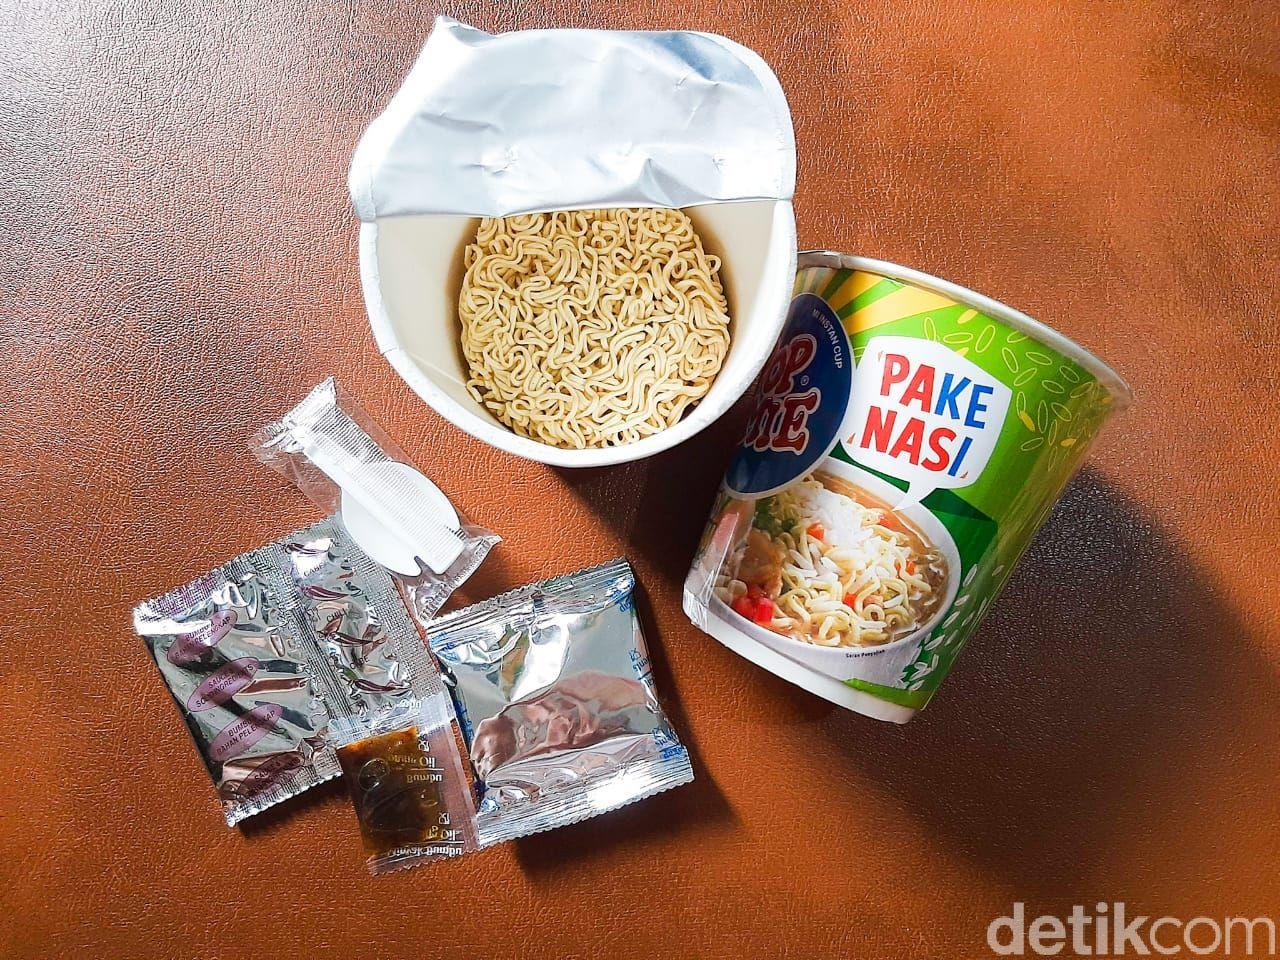 Sensasi Makan Pop Mie Pake Nasi